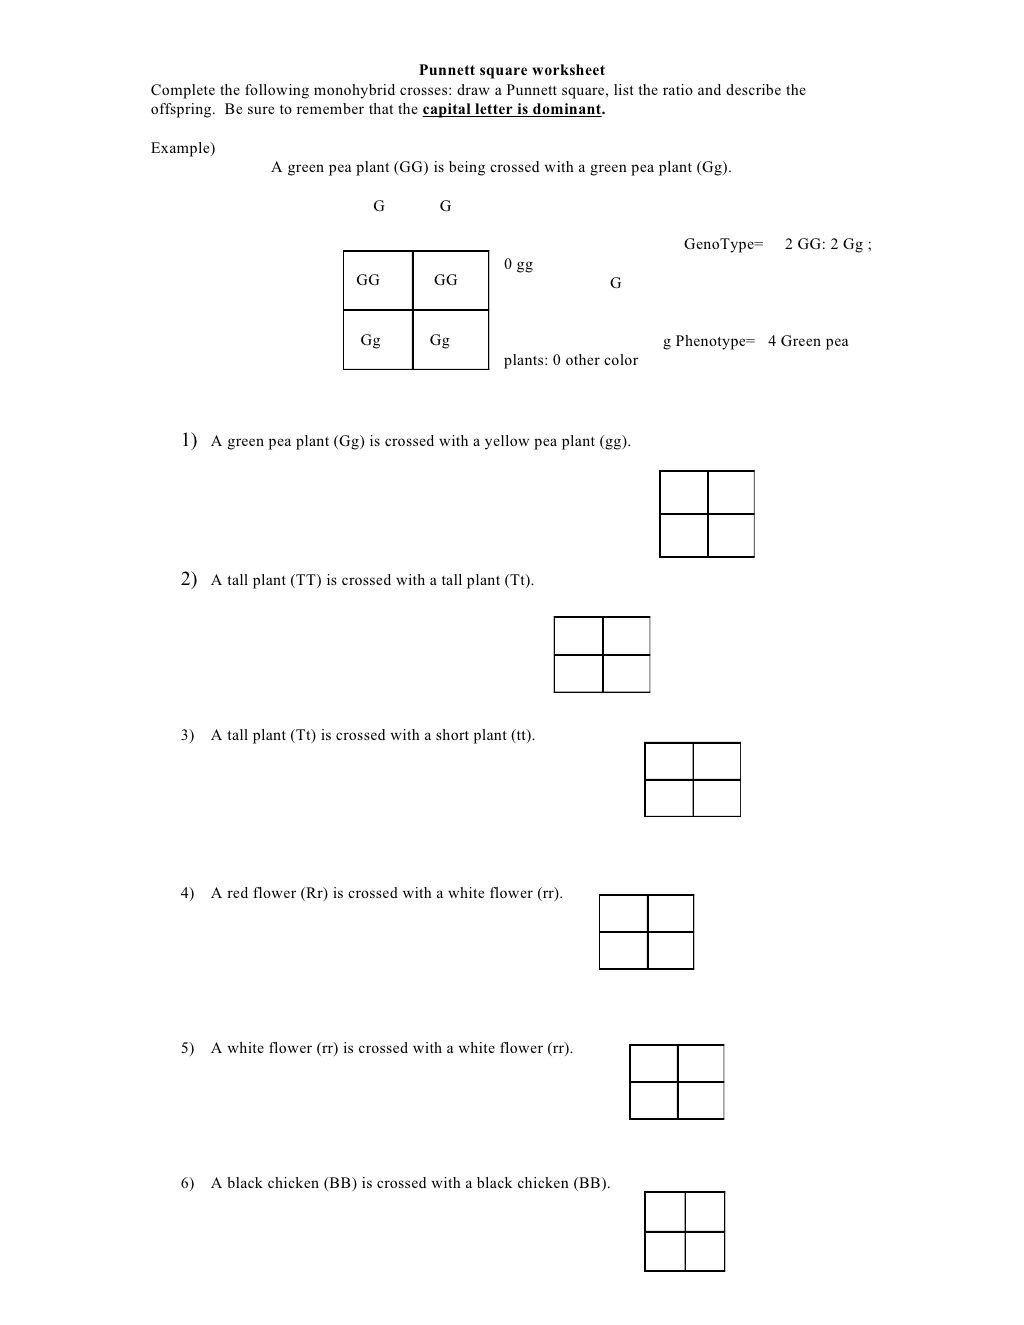 Punnett Square Practice Problems Worksheet Punnett Square